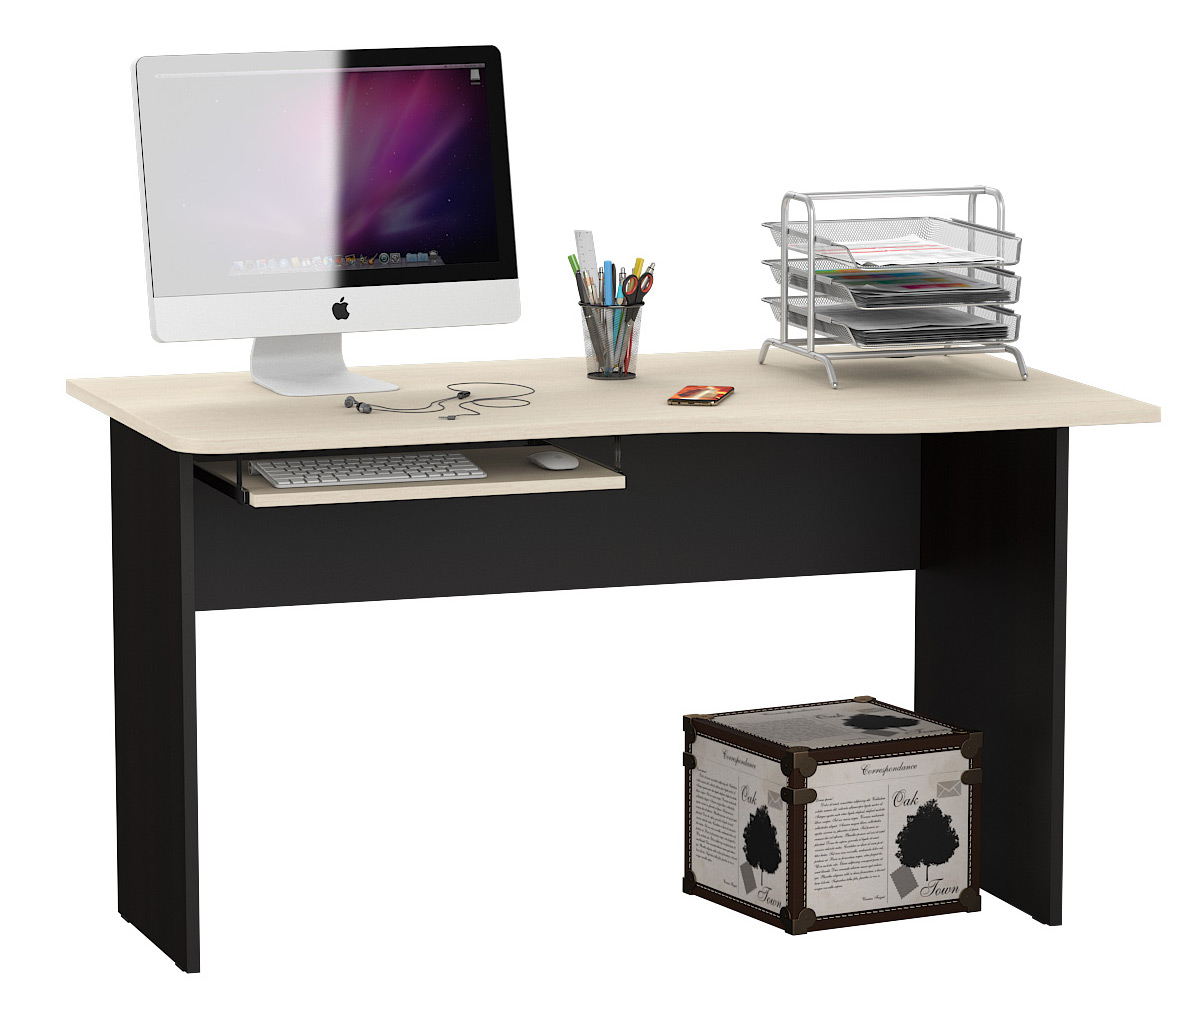 Компьютерный стол Мебельный Двор 1.04П МД 1.04П 130x75x74, венге/дуб